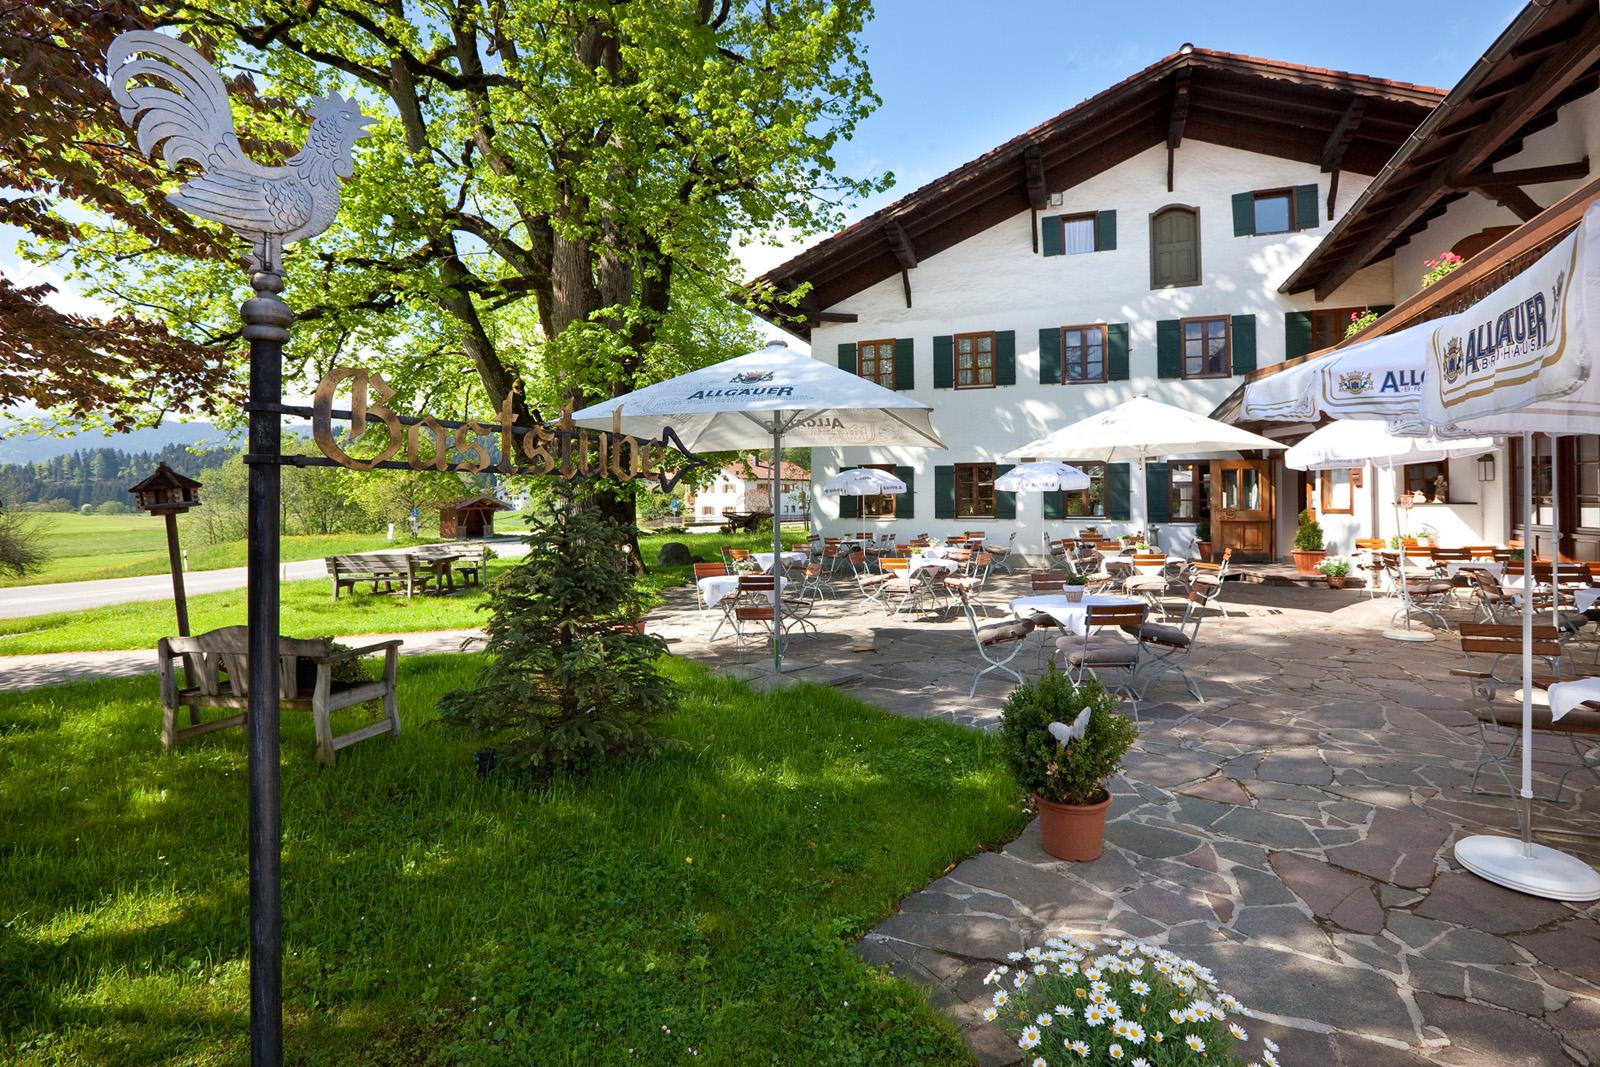 Bildergalerie – Landhotel im Allgäu – Hotel Gockelwirt ...